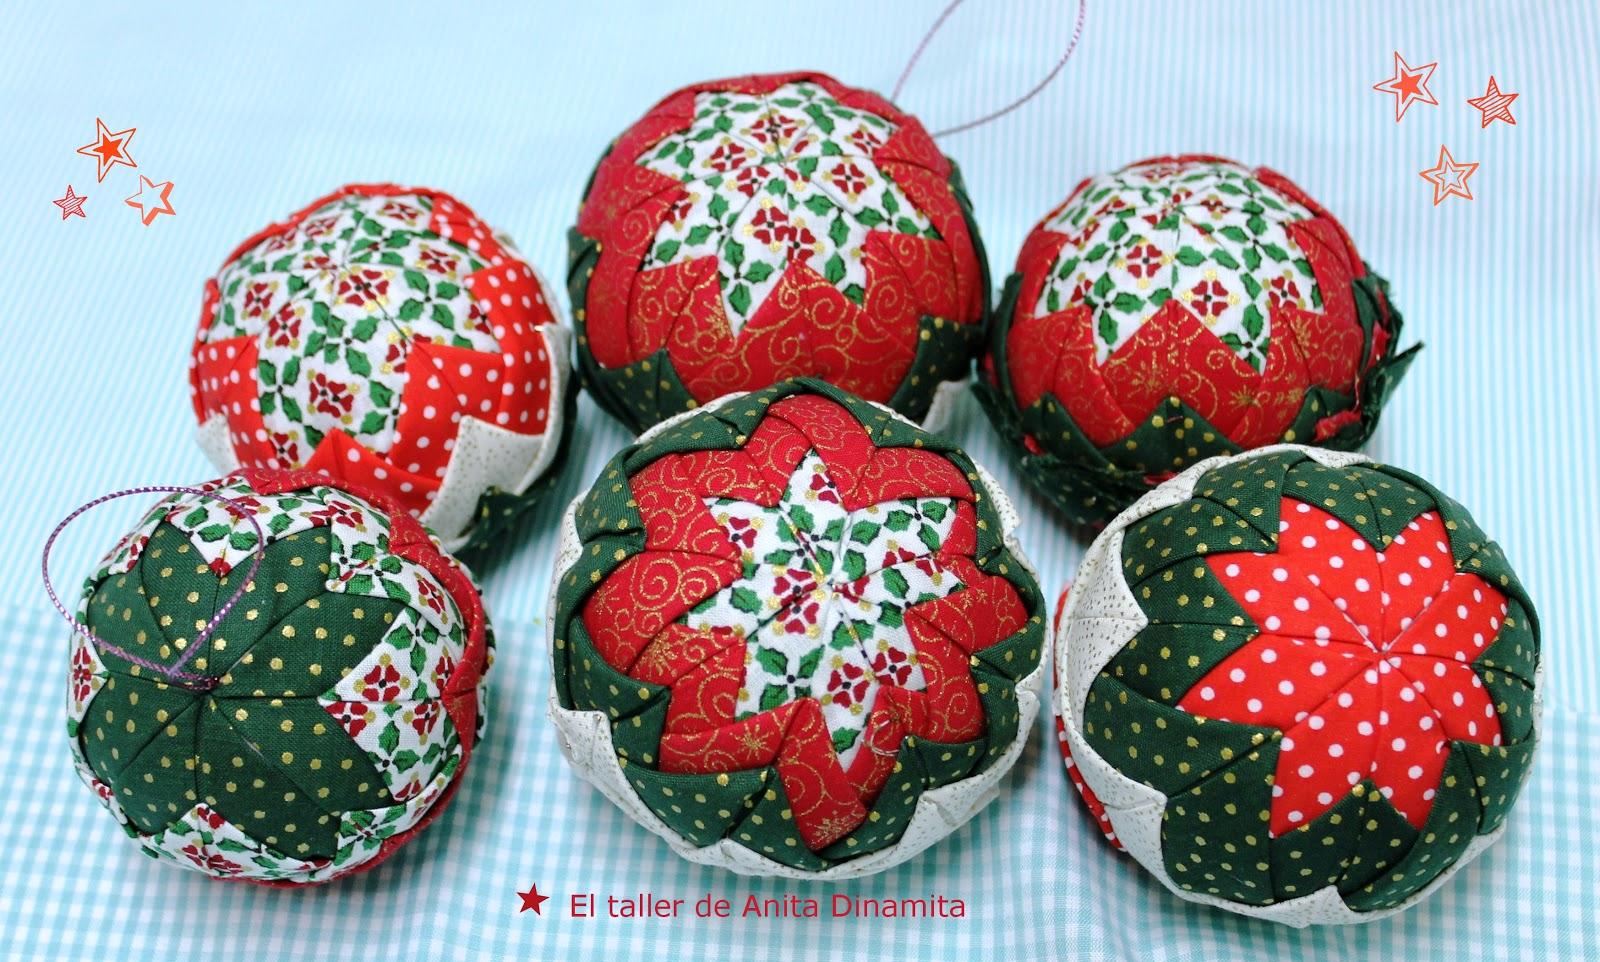 El taller de anitadinamita bolitas de navidad - Bolas de navidad grandes ...